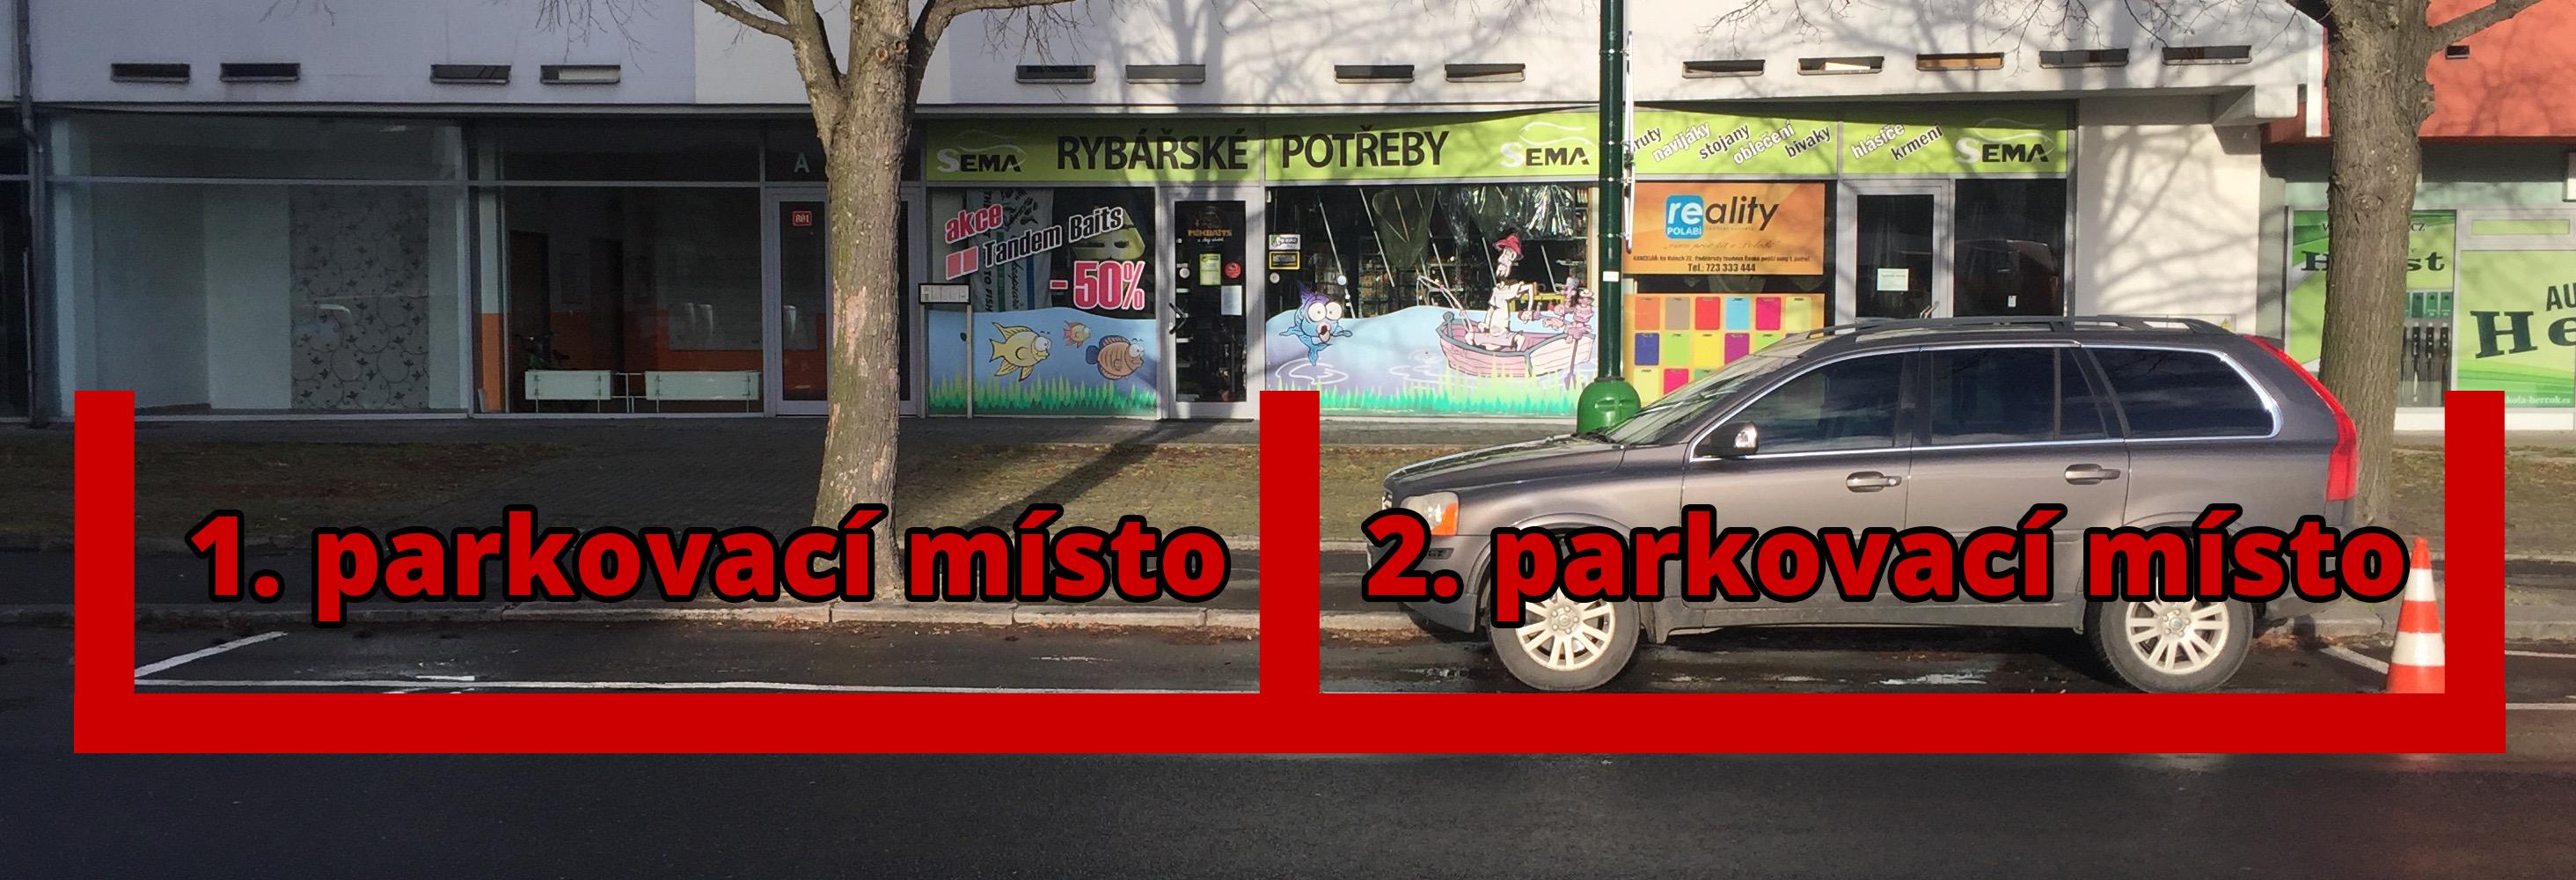 Připravili jsme 2 parkovací místa pro naše zákazníky